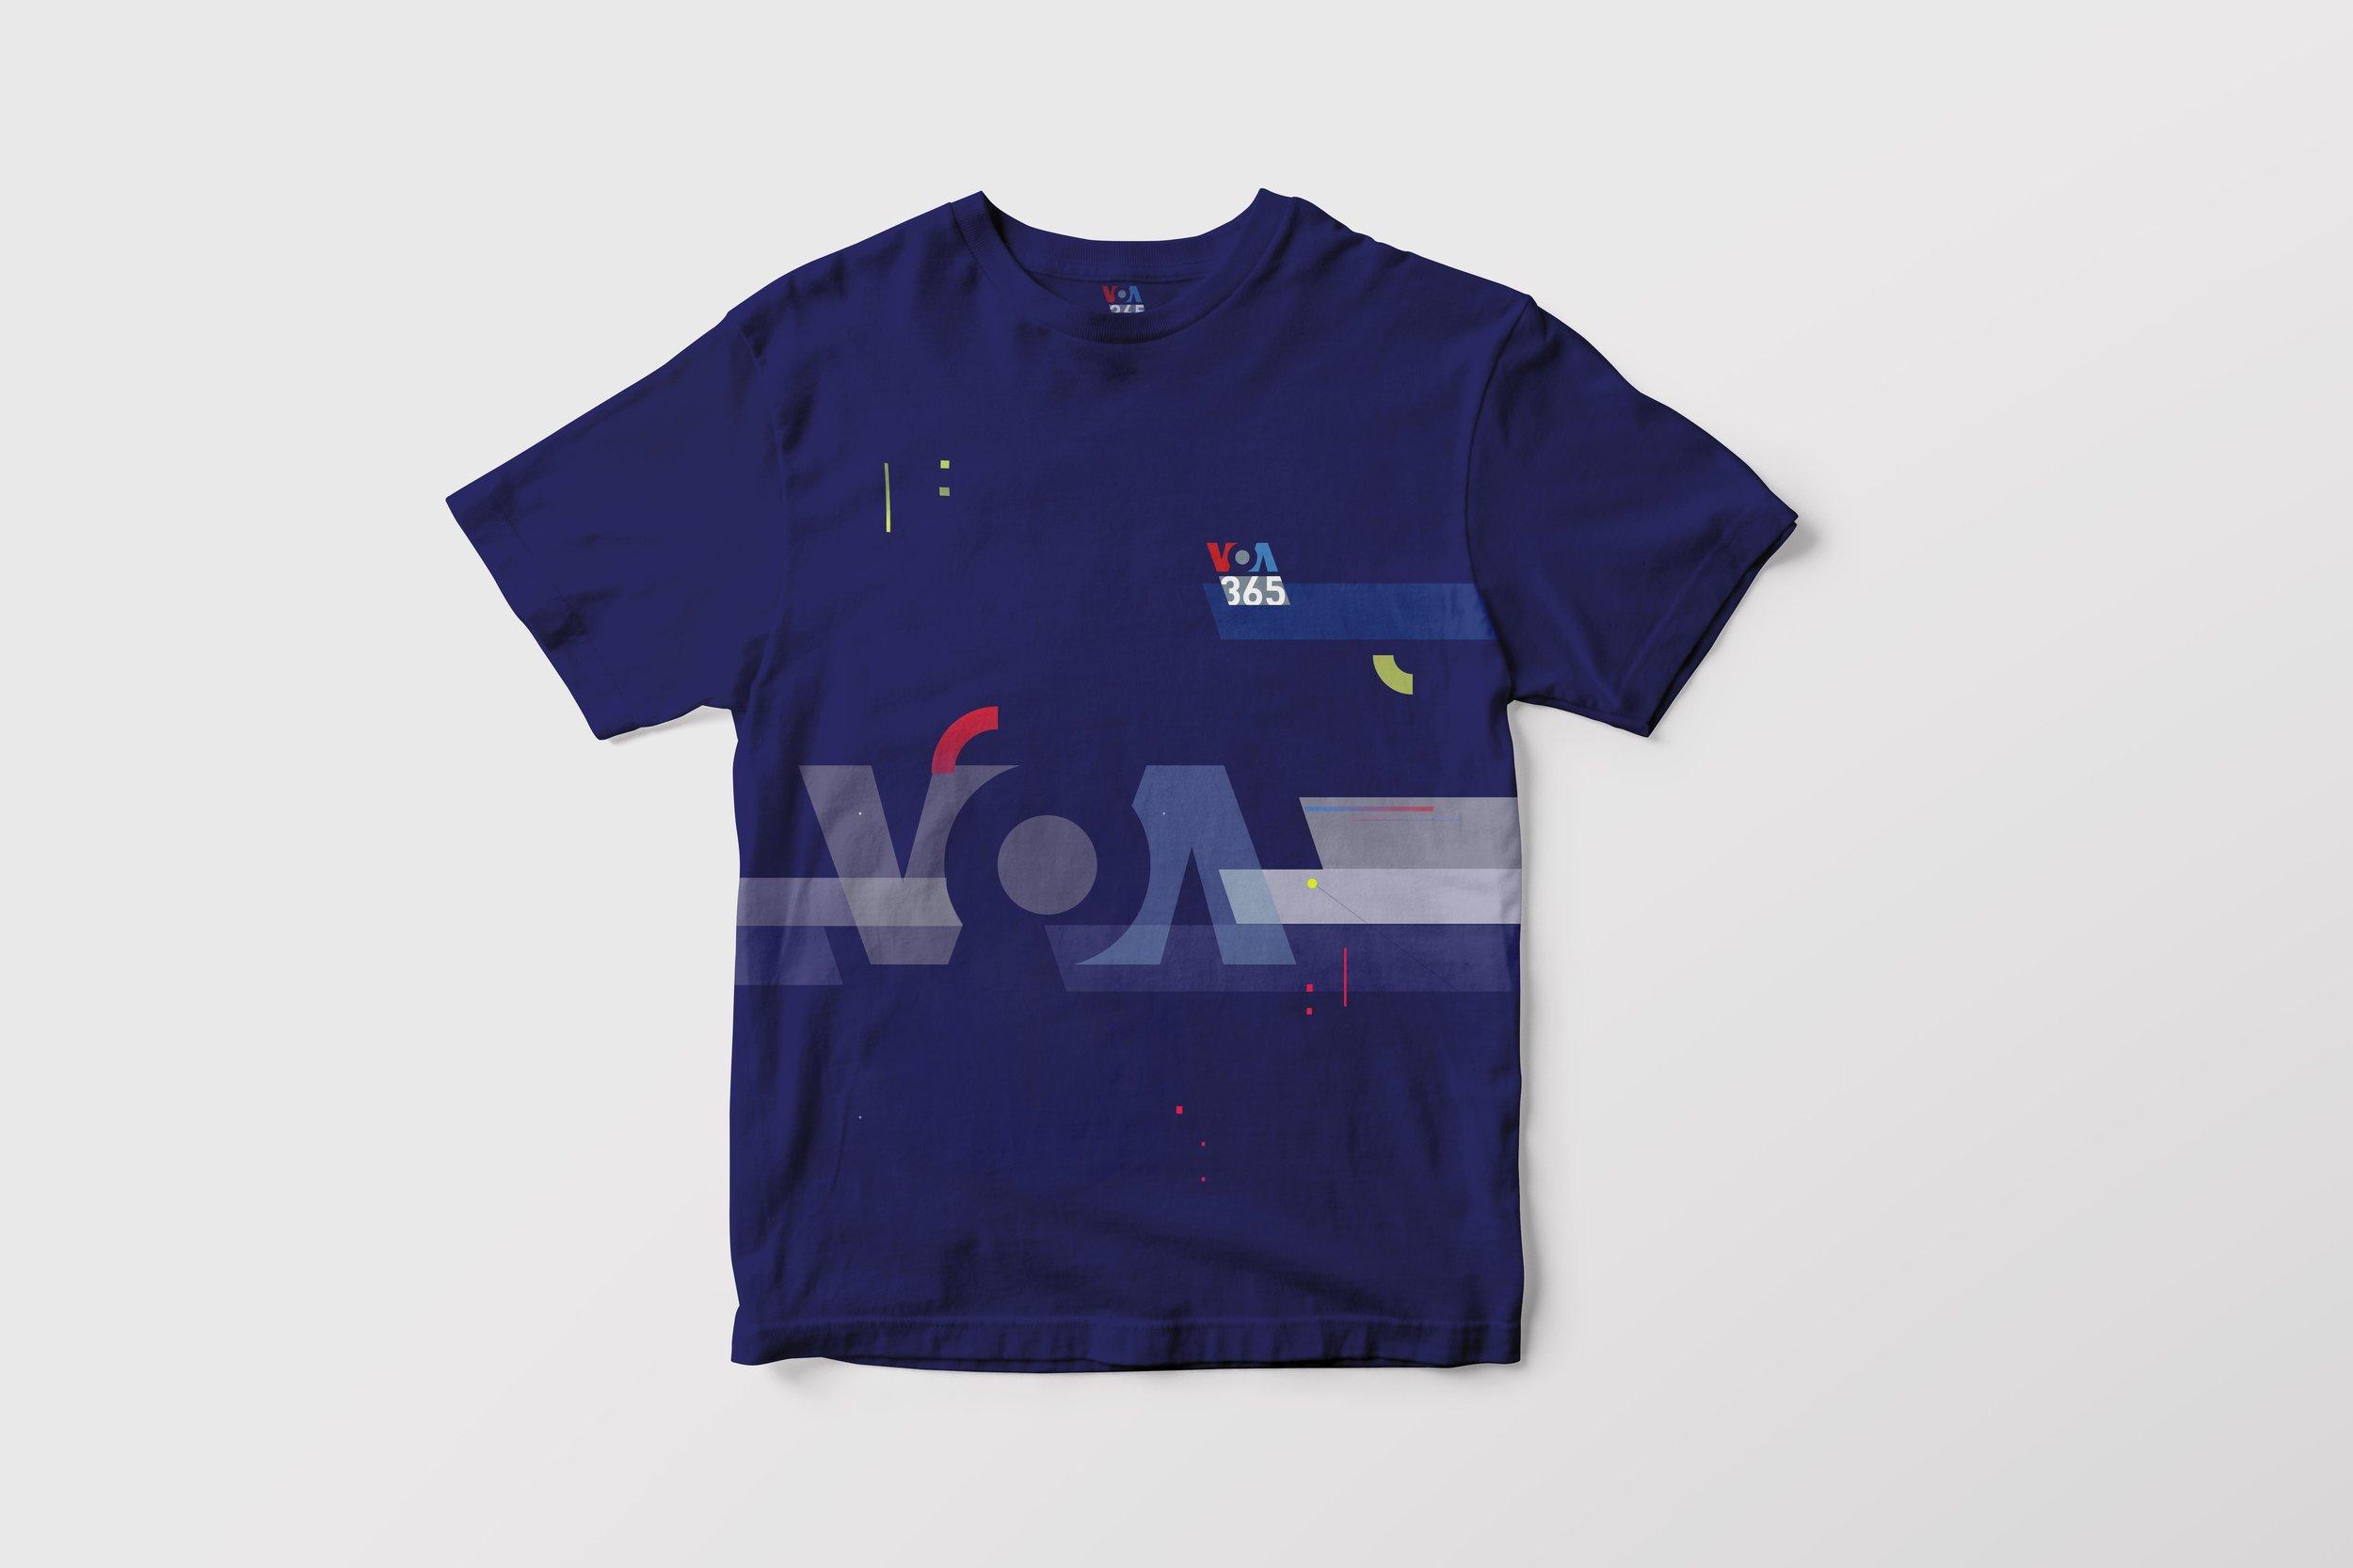 180927_Tshirt Mockup.jpg